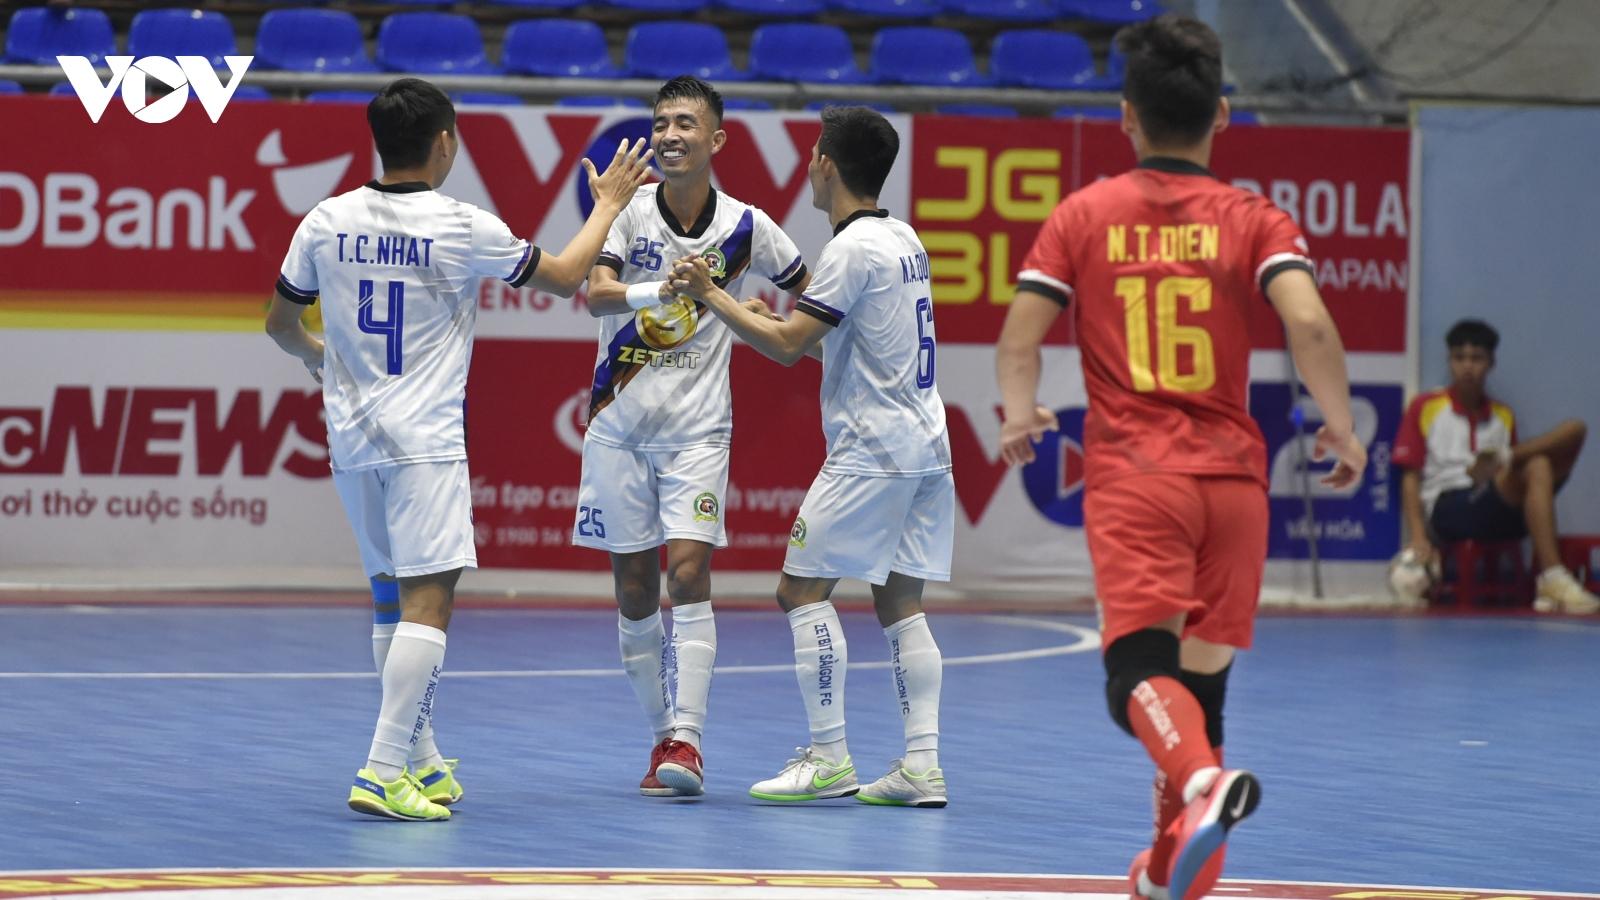 Giải Futsal HDBank VĐQG 2021: Nóng bỏng cuộc chiến ngôi đầu